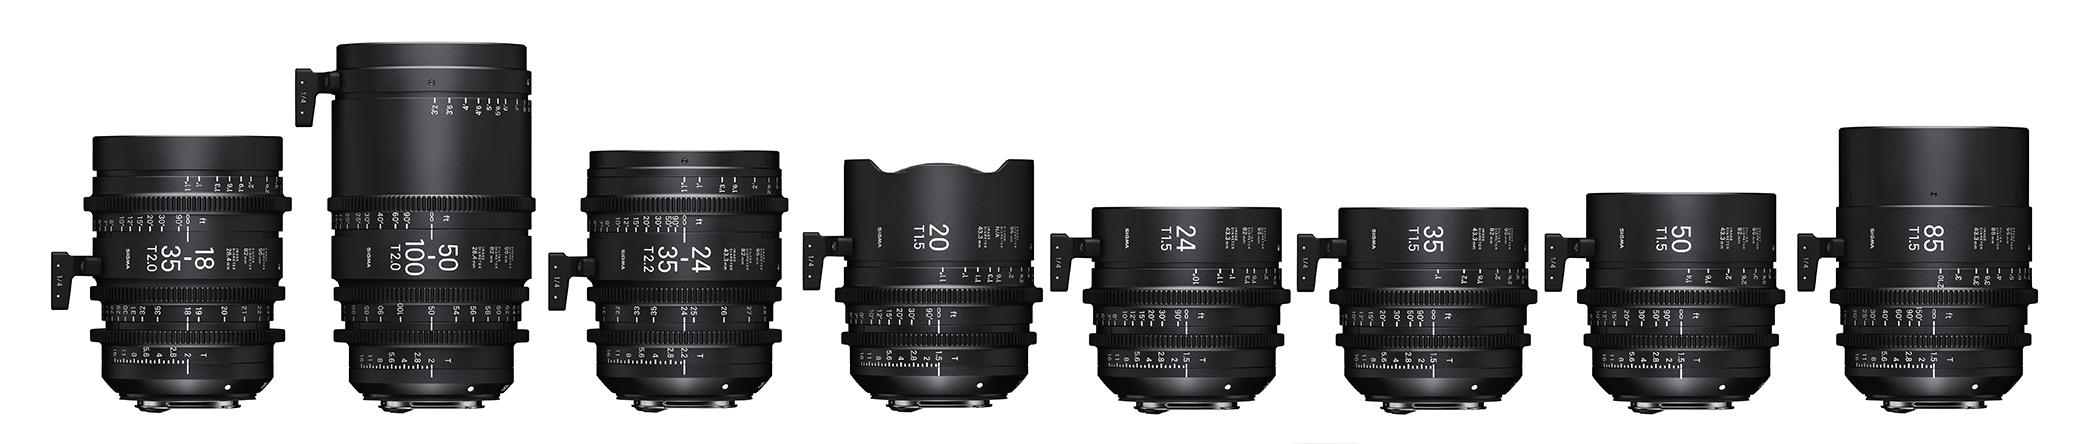 Ausgezeichnet Sigma Full Frame Linsen Fotos - Benutzerdefinierte ...